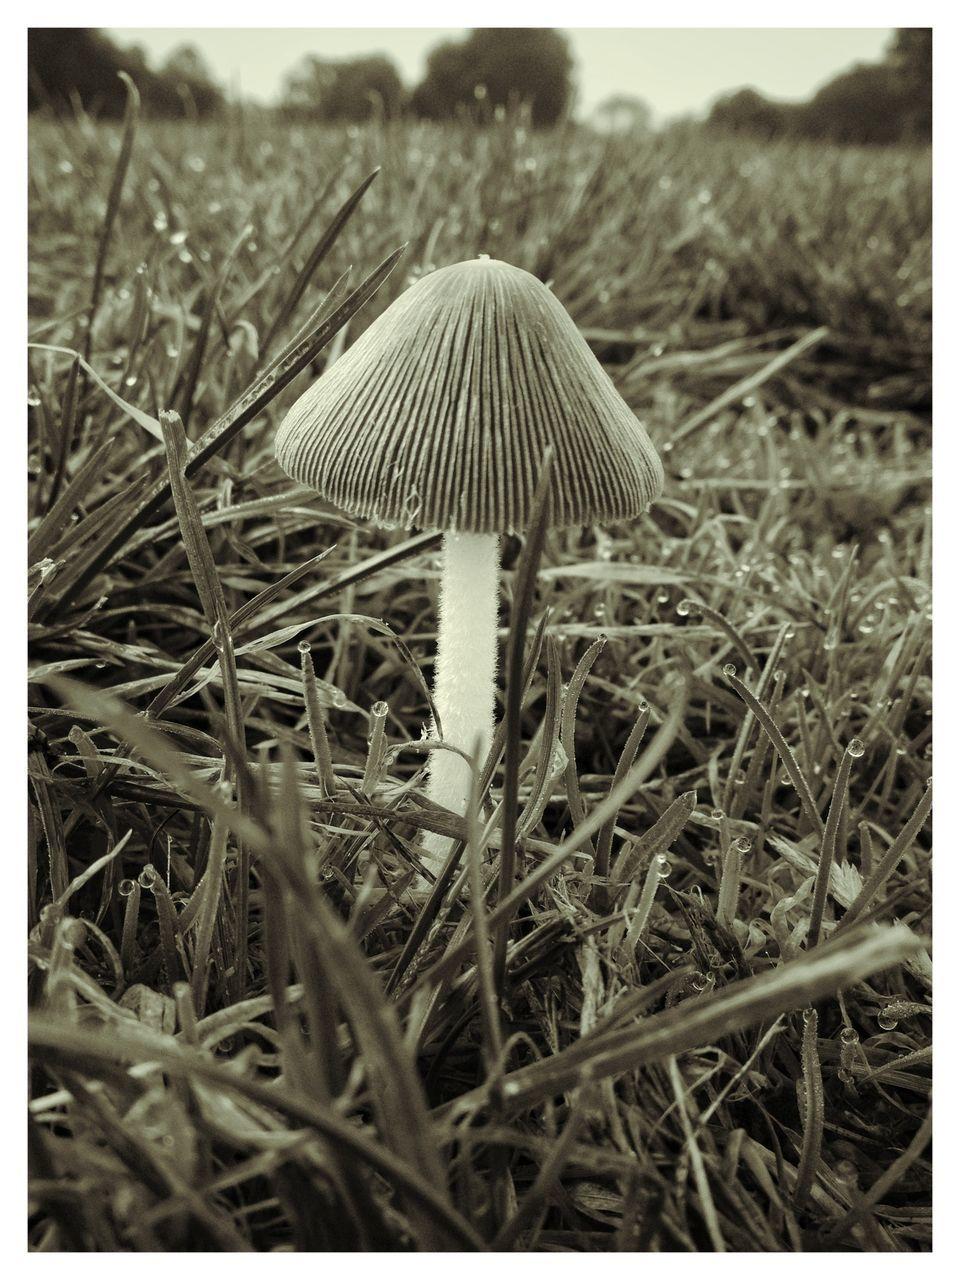 MUSHROOM GROWING ON GRASSY FIELD